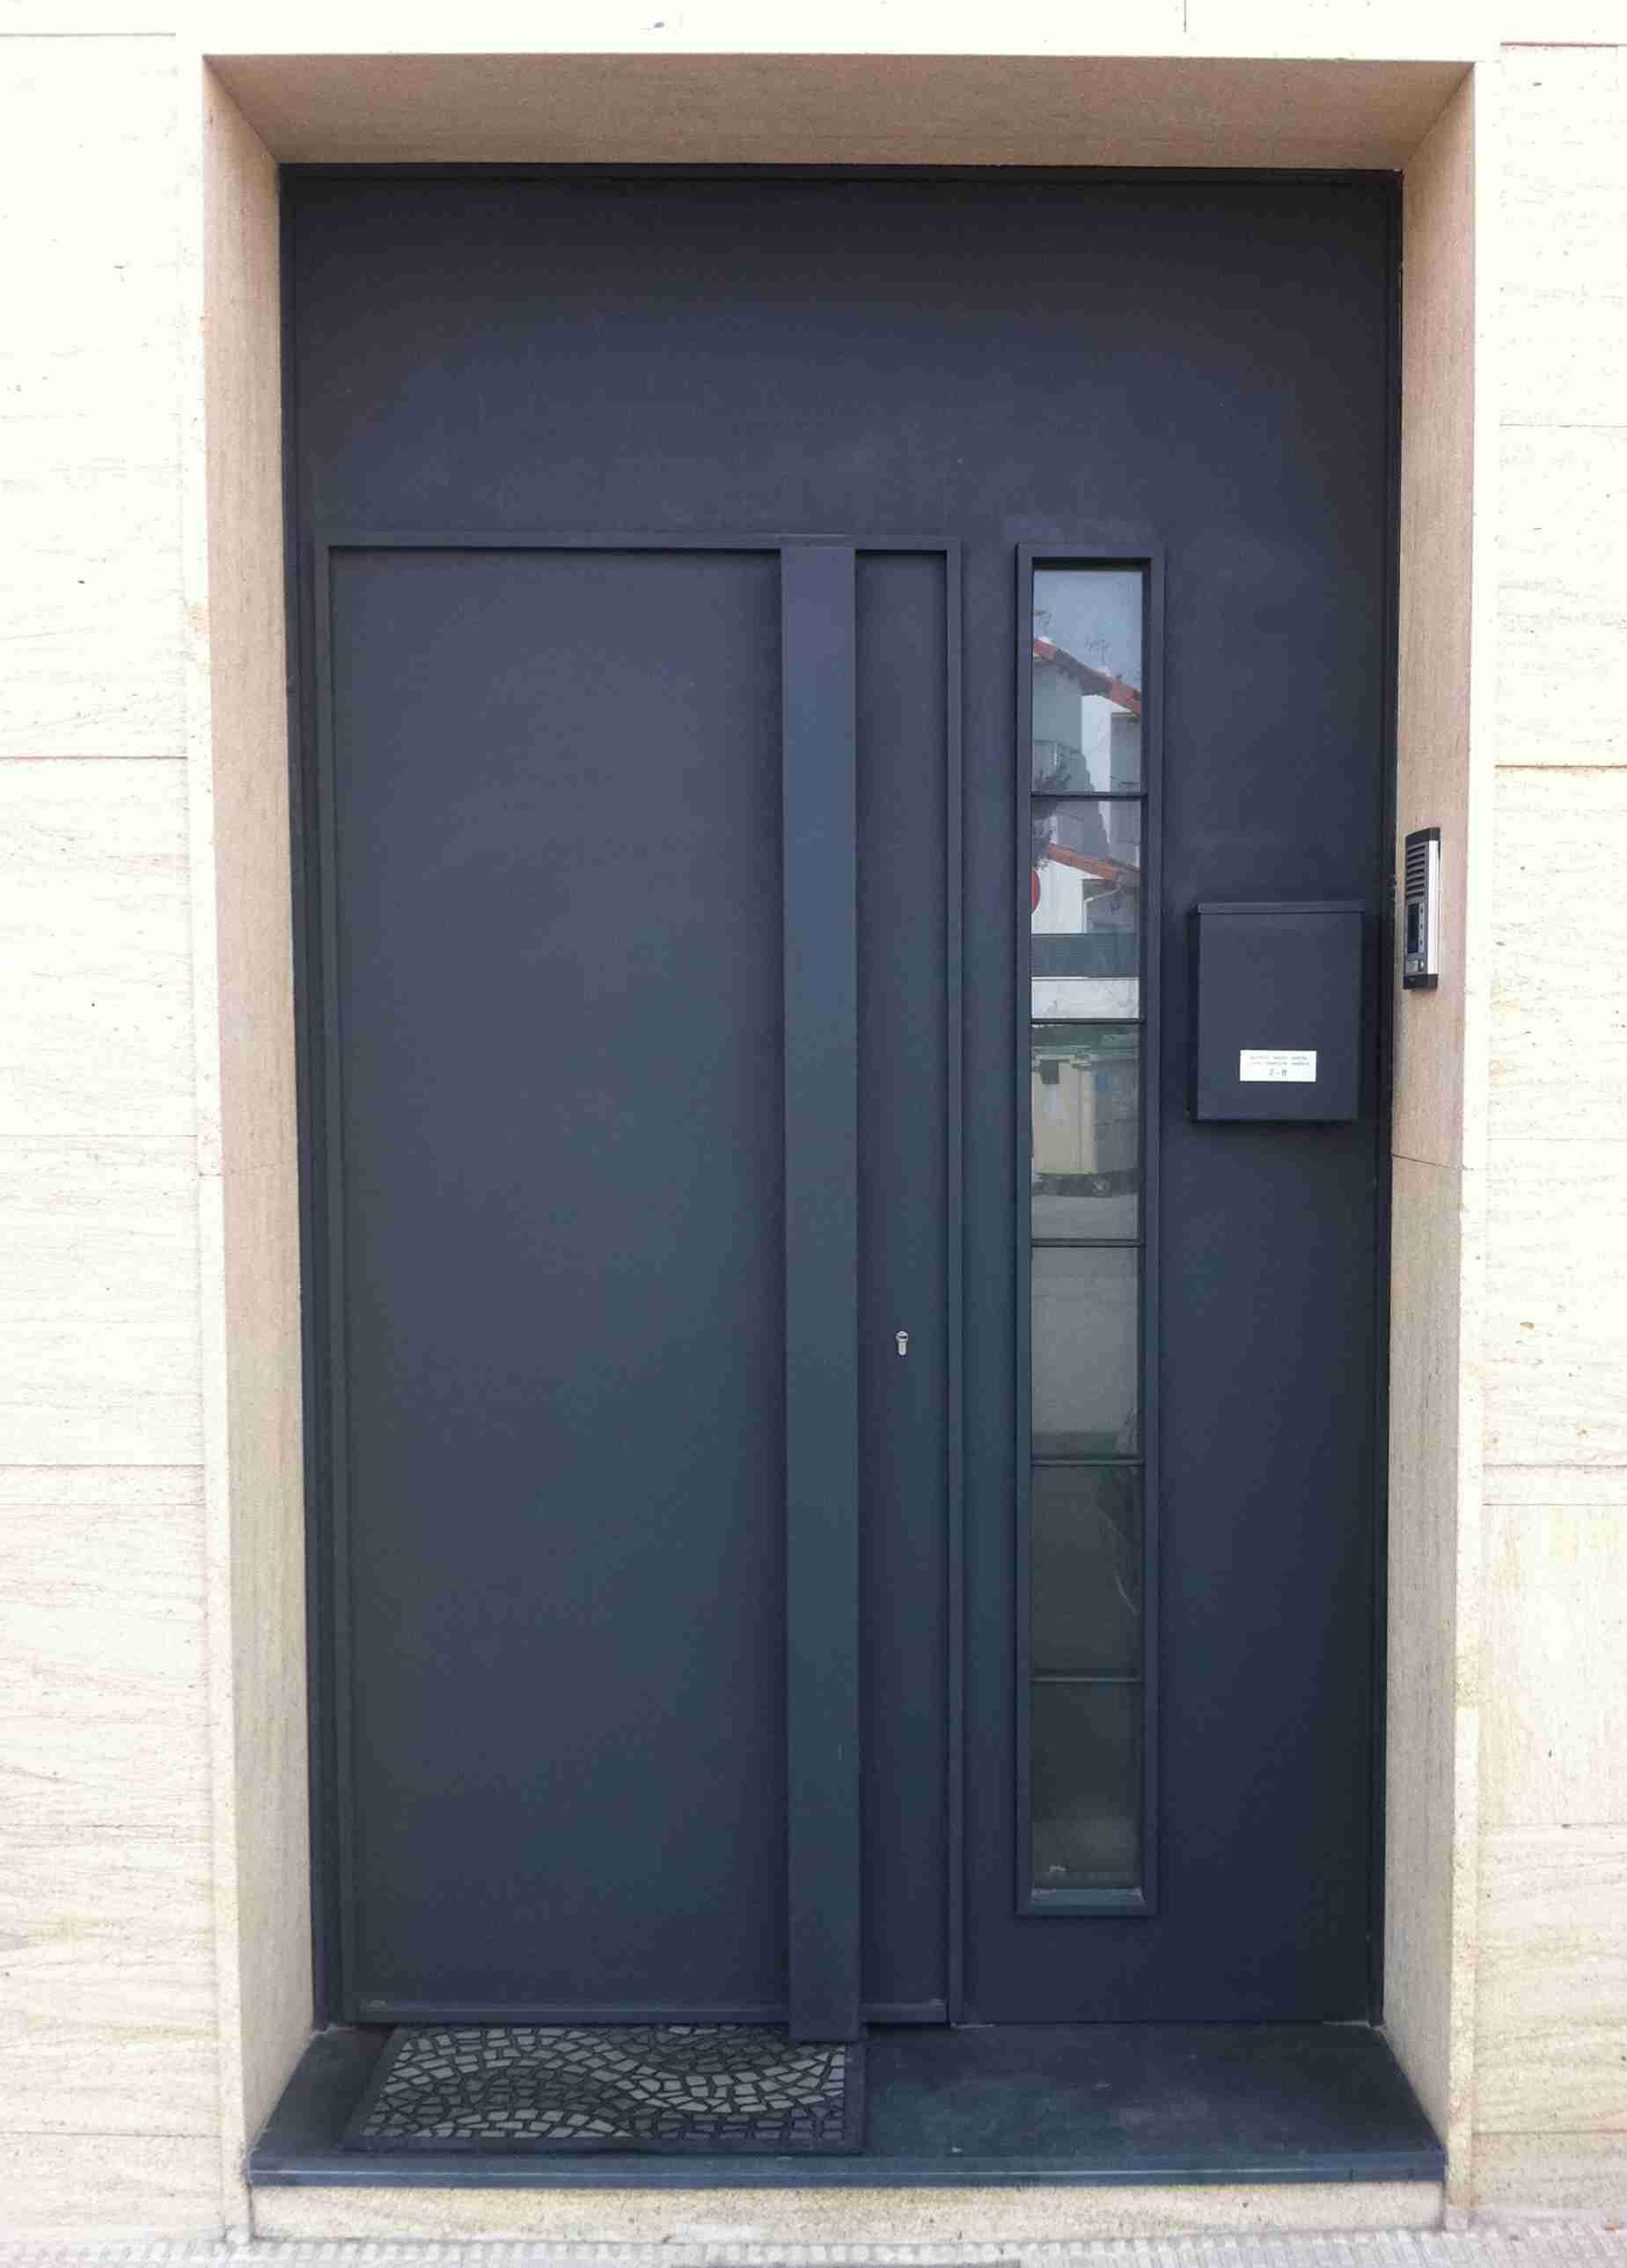 modelo de puerta de hierro sencilla pesquisa google ForModelos De Puertas De Fierro Modernas